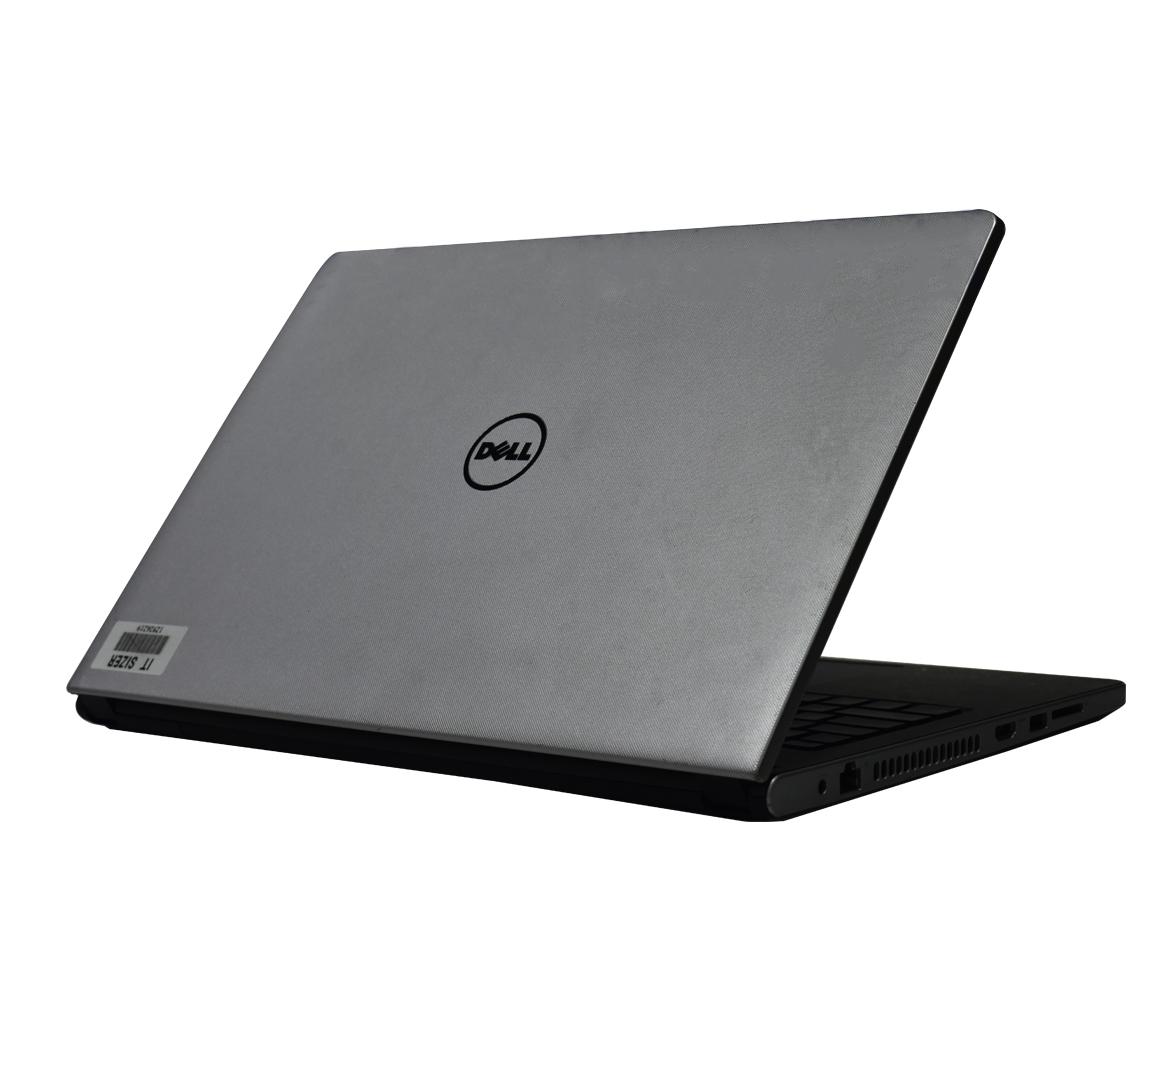 Dell Inspiron 5559 Business Laptop, Intel Core i5-6200U CPU, 8GB DDR3L SODIMM RAM, 750GB SATA 2.5 Hard, 15 inch Display, Windows 10 Pro (Refurbished)